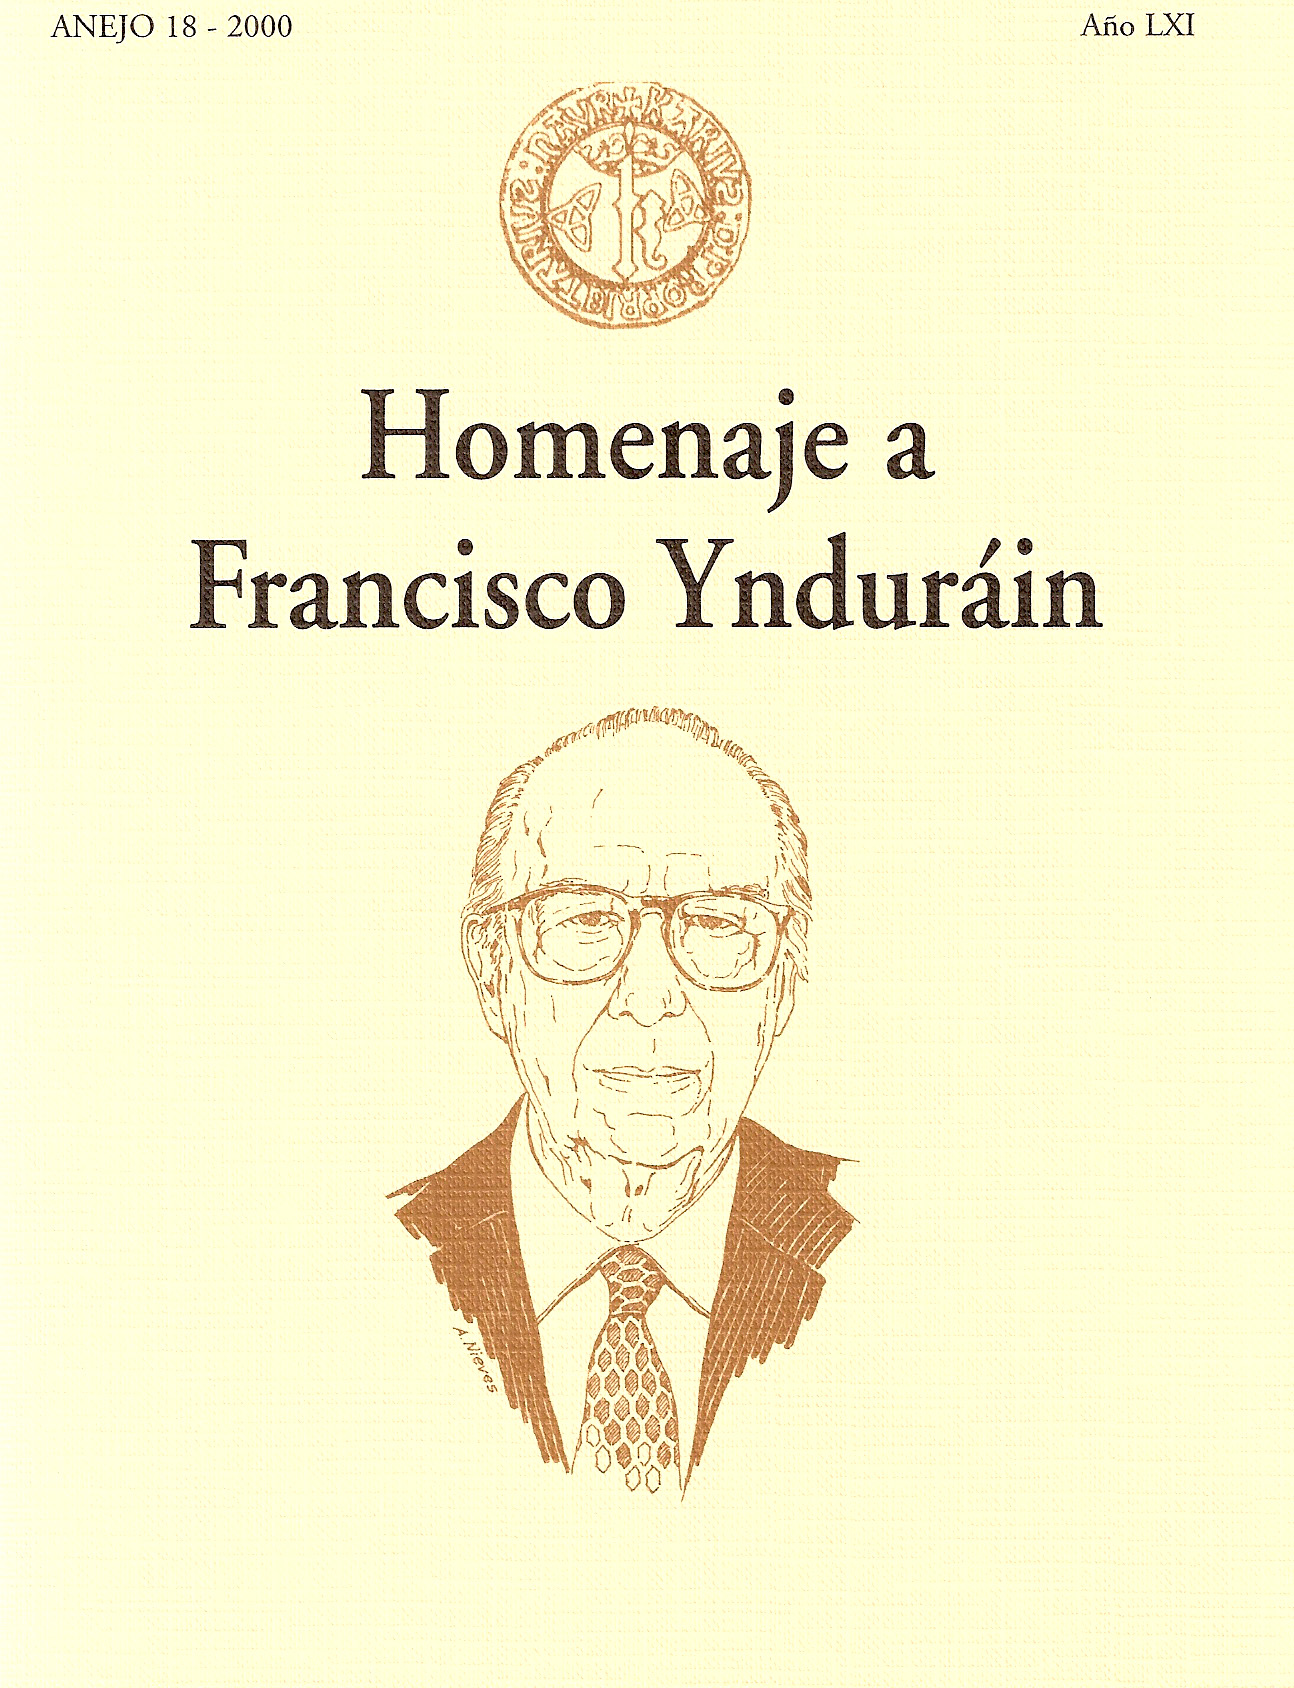 Libro homenaje a Francisco Ynduráin, 2000. @Archivo de Bilaketa